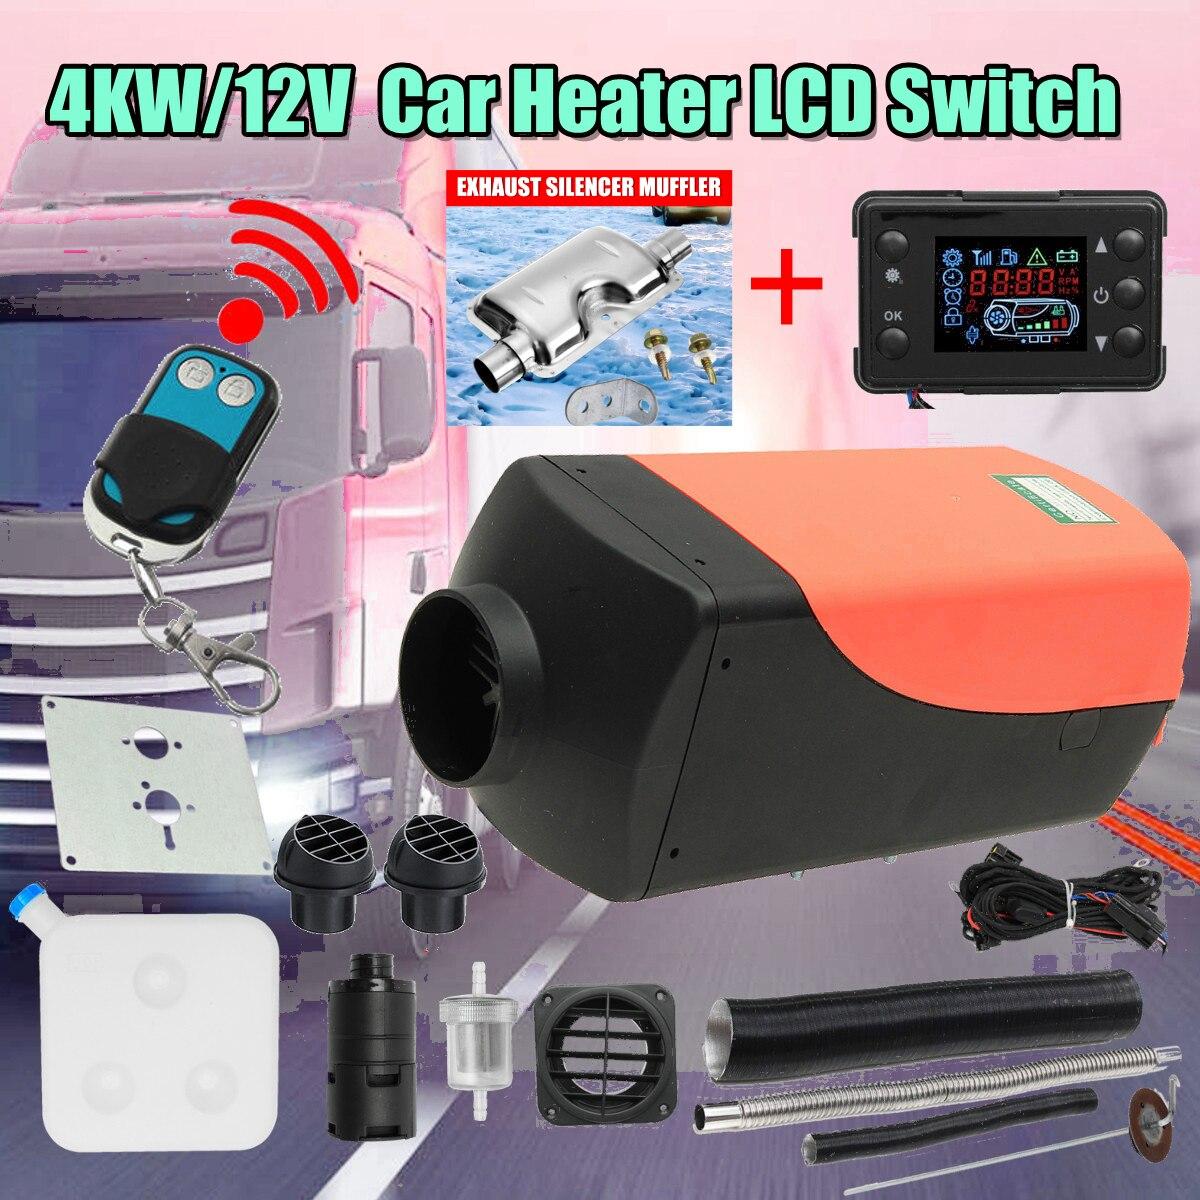 Chauffage de la voiture 4KW 12 V Air Diesels Chauffe Parking Chauffe-Avec Télécommande LCD Moniteur pour Camions Bateaux RV Camping-Car remorque